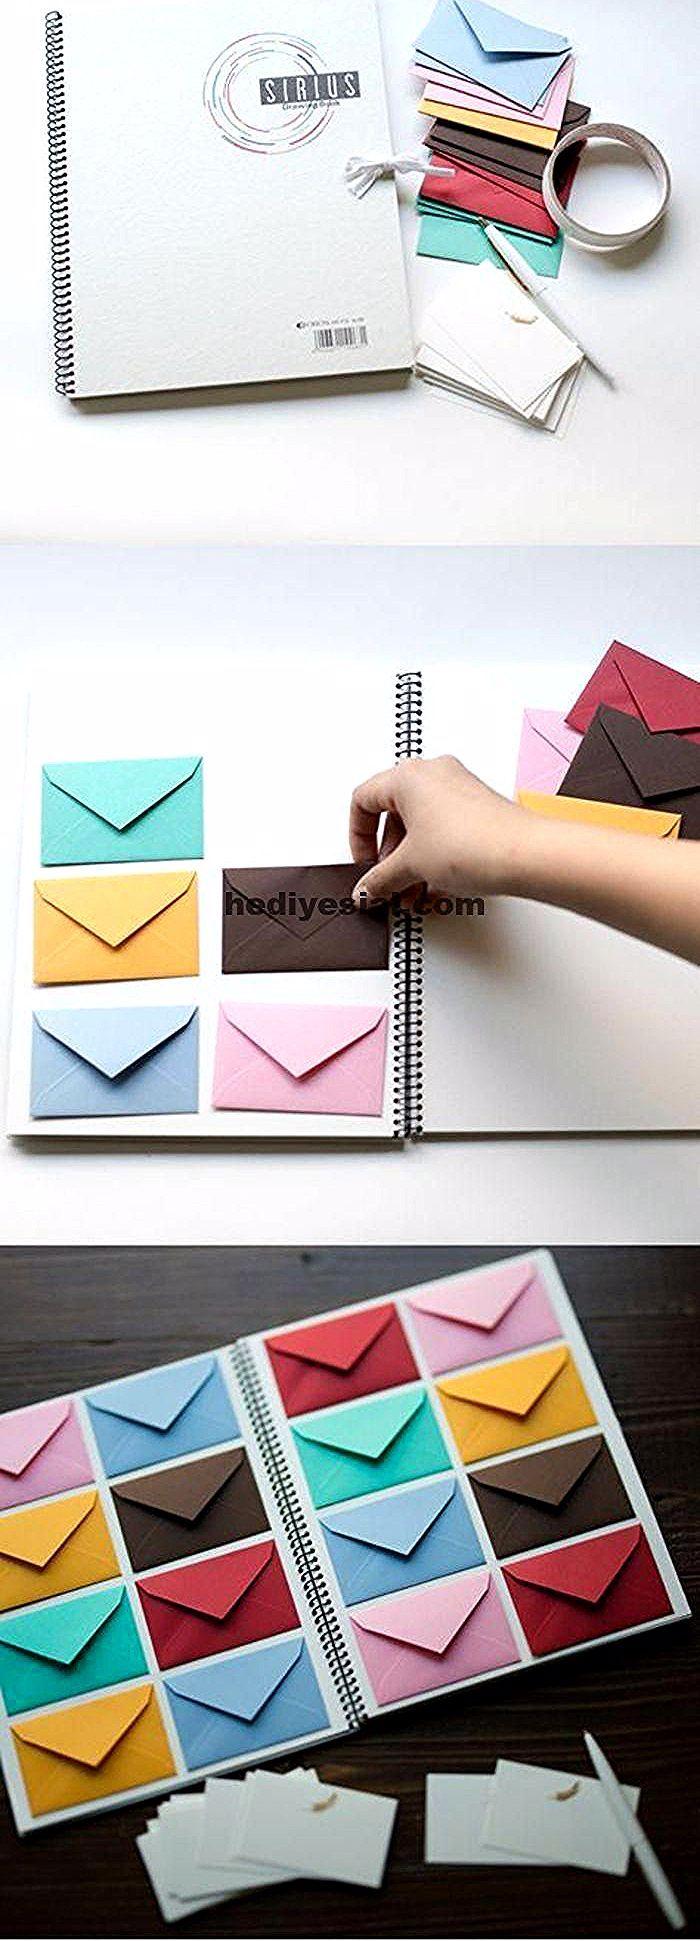 Ideen für Valentinstag, romantische Geschenke, weißes Notizbuch mit kleinen Umschlägen ... , #geschenke #ideen #kleinen #notizbuch #present #romantische #umschlagen #valentinstag